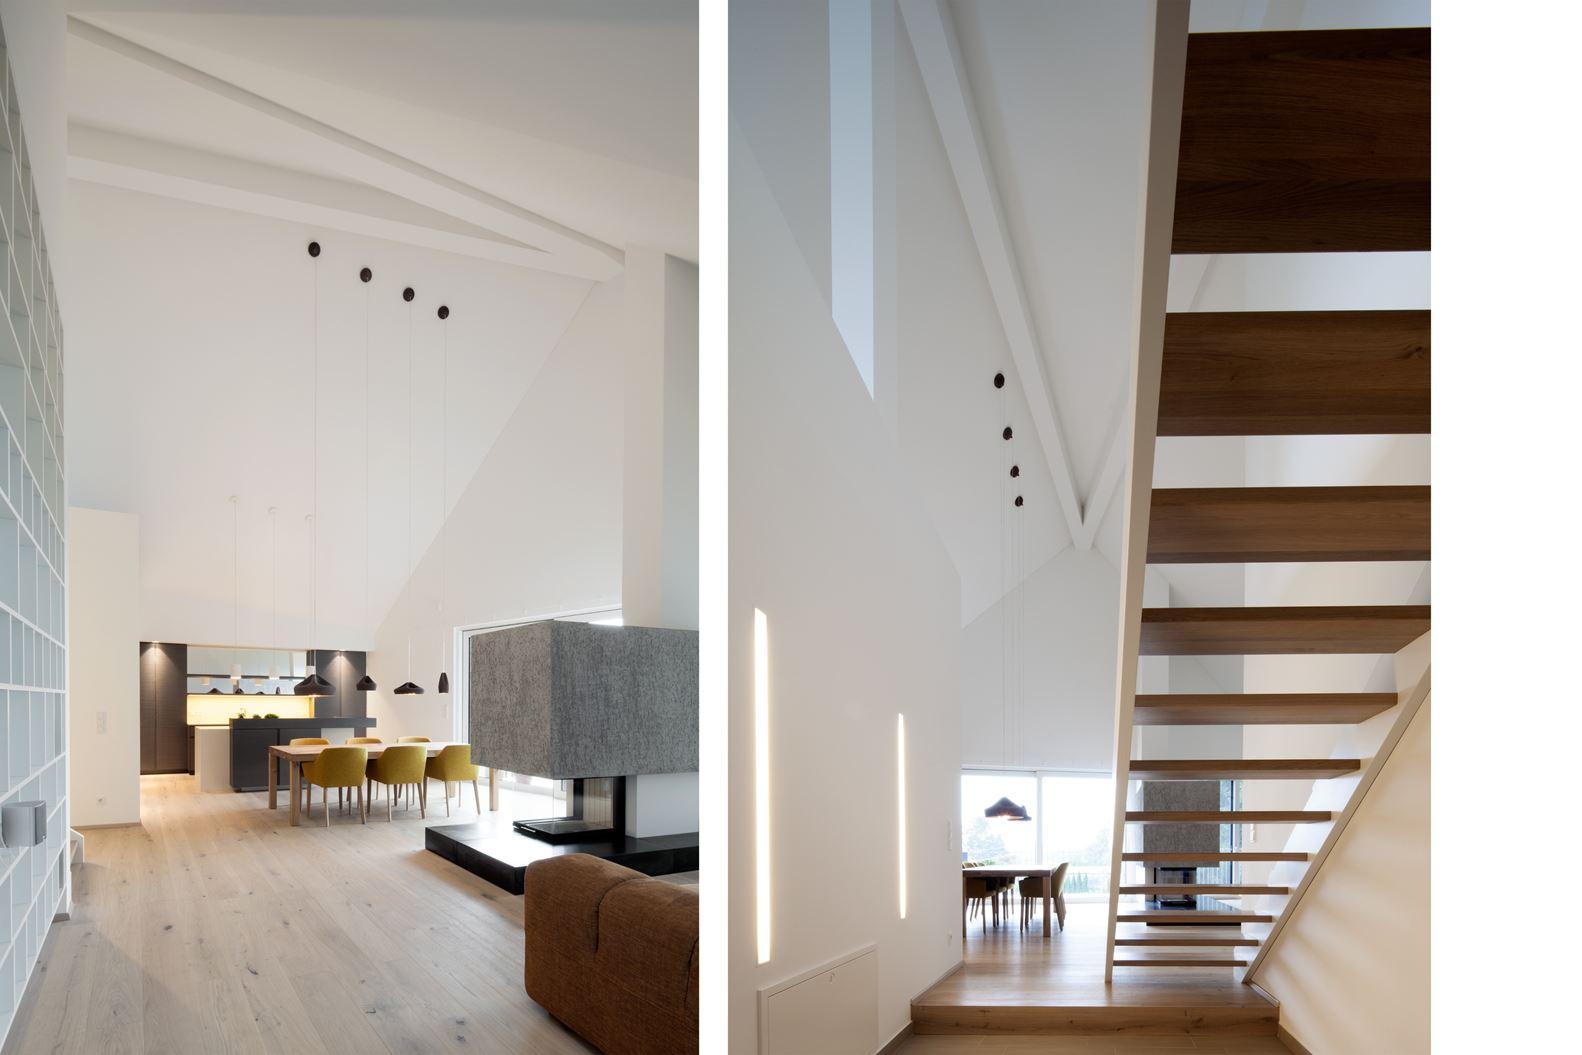 Un attico elegante e luminoso - Finestre a soffitto ...